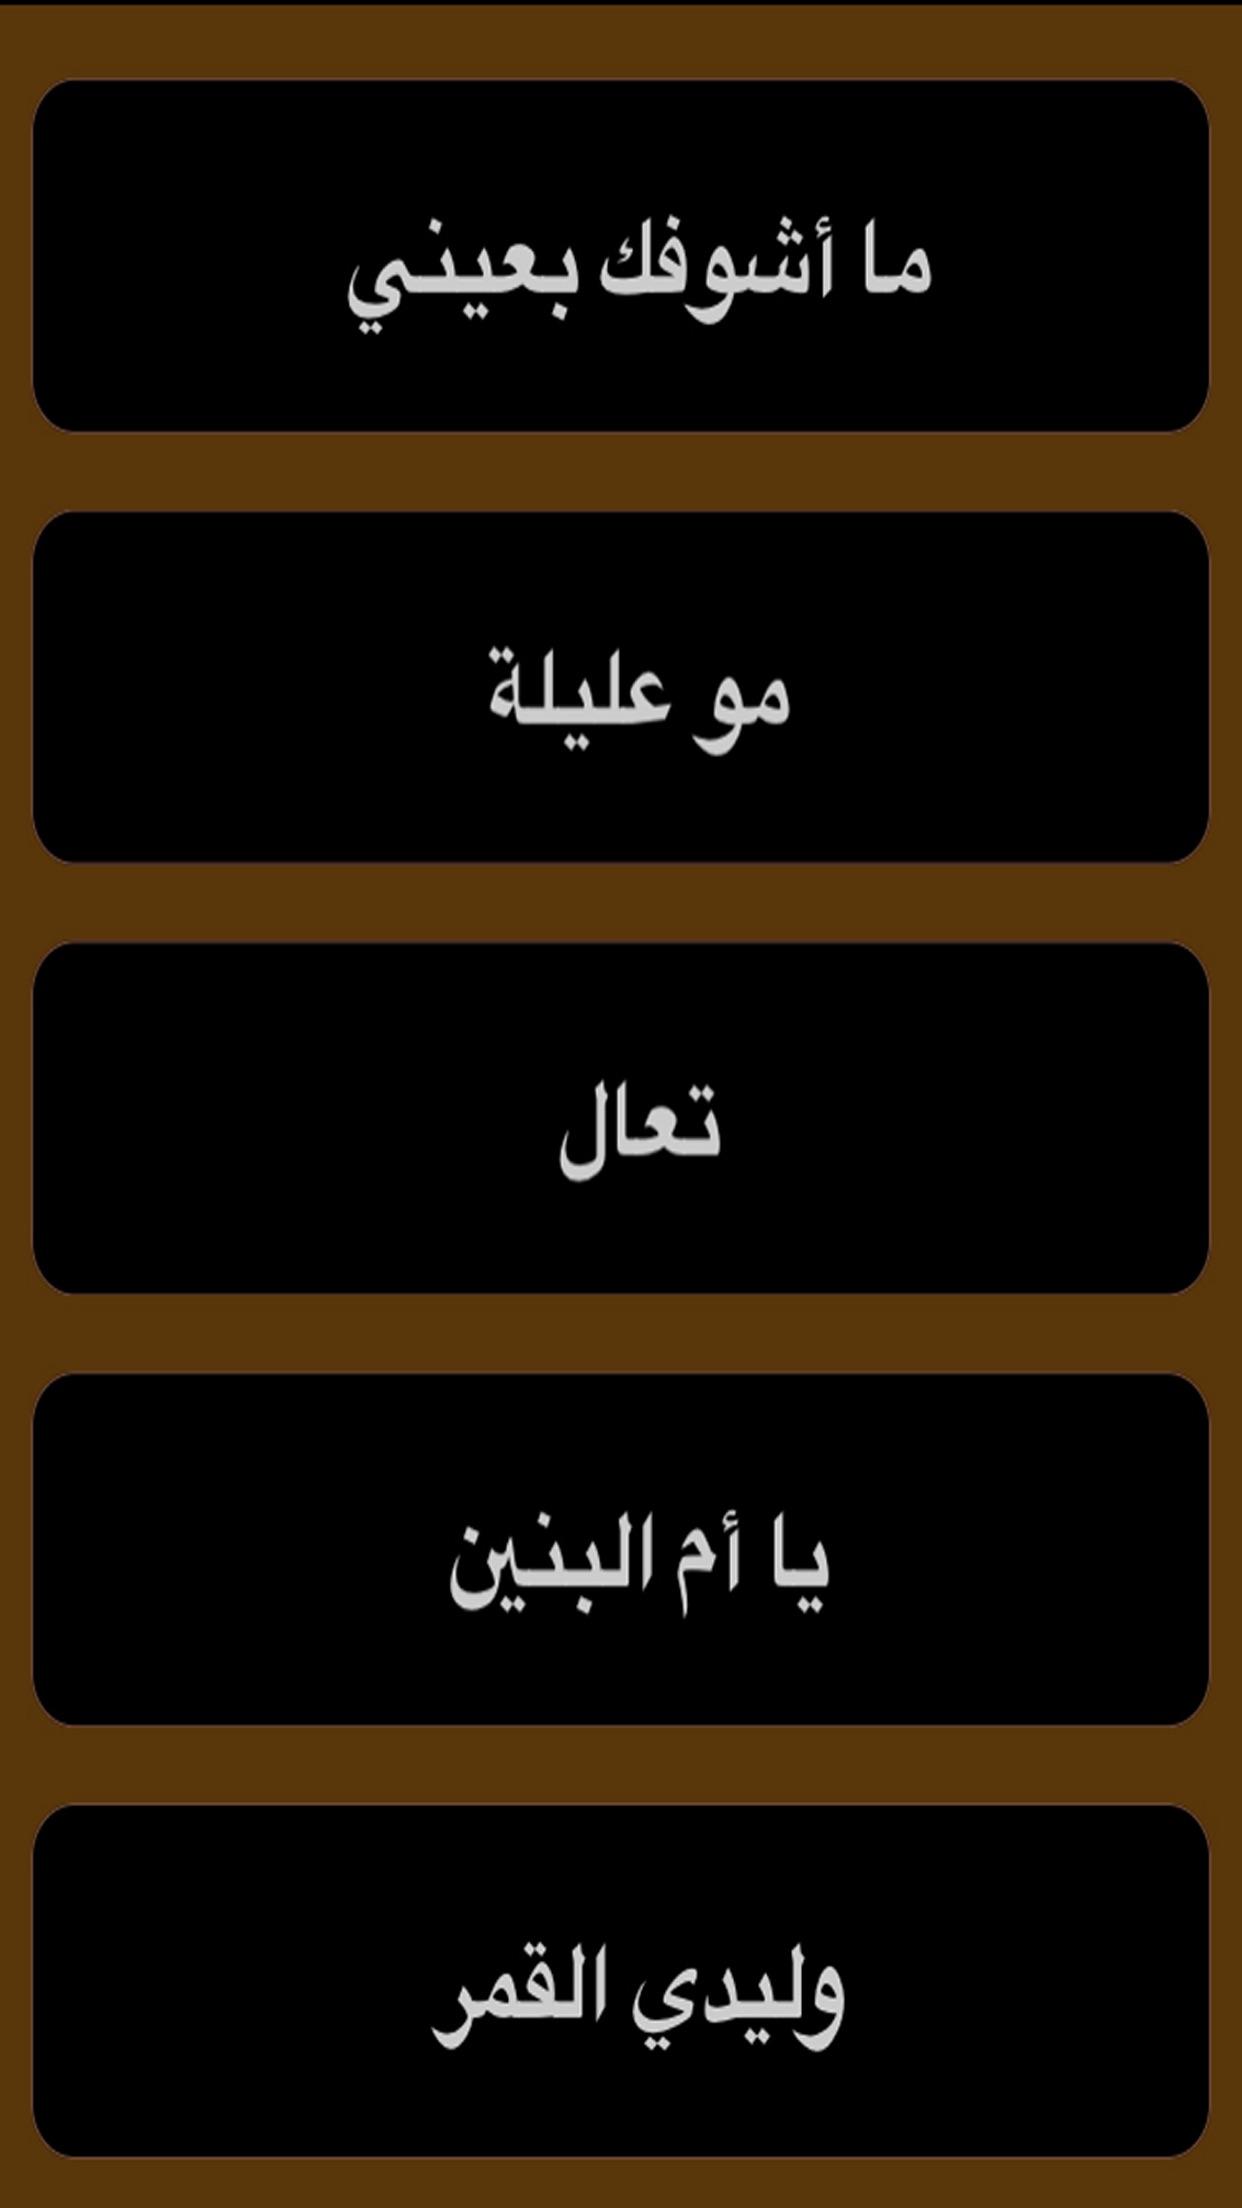 روائع الملا باسم الكربلائي - محرم 1437هـ Screenshot